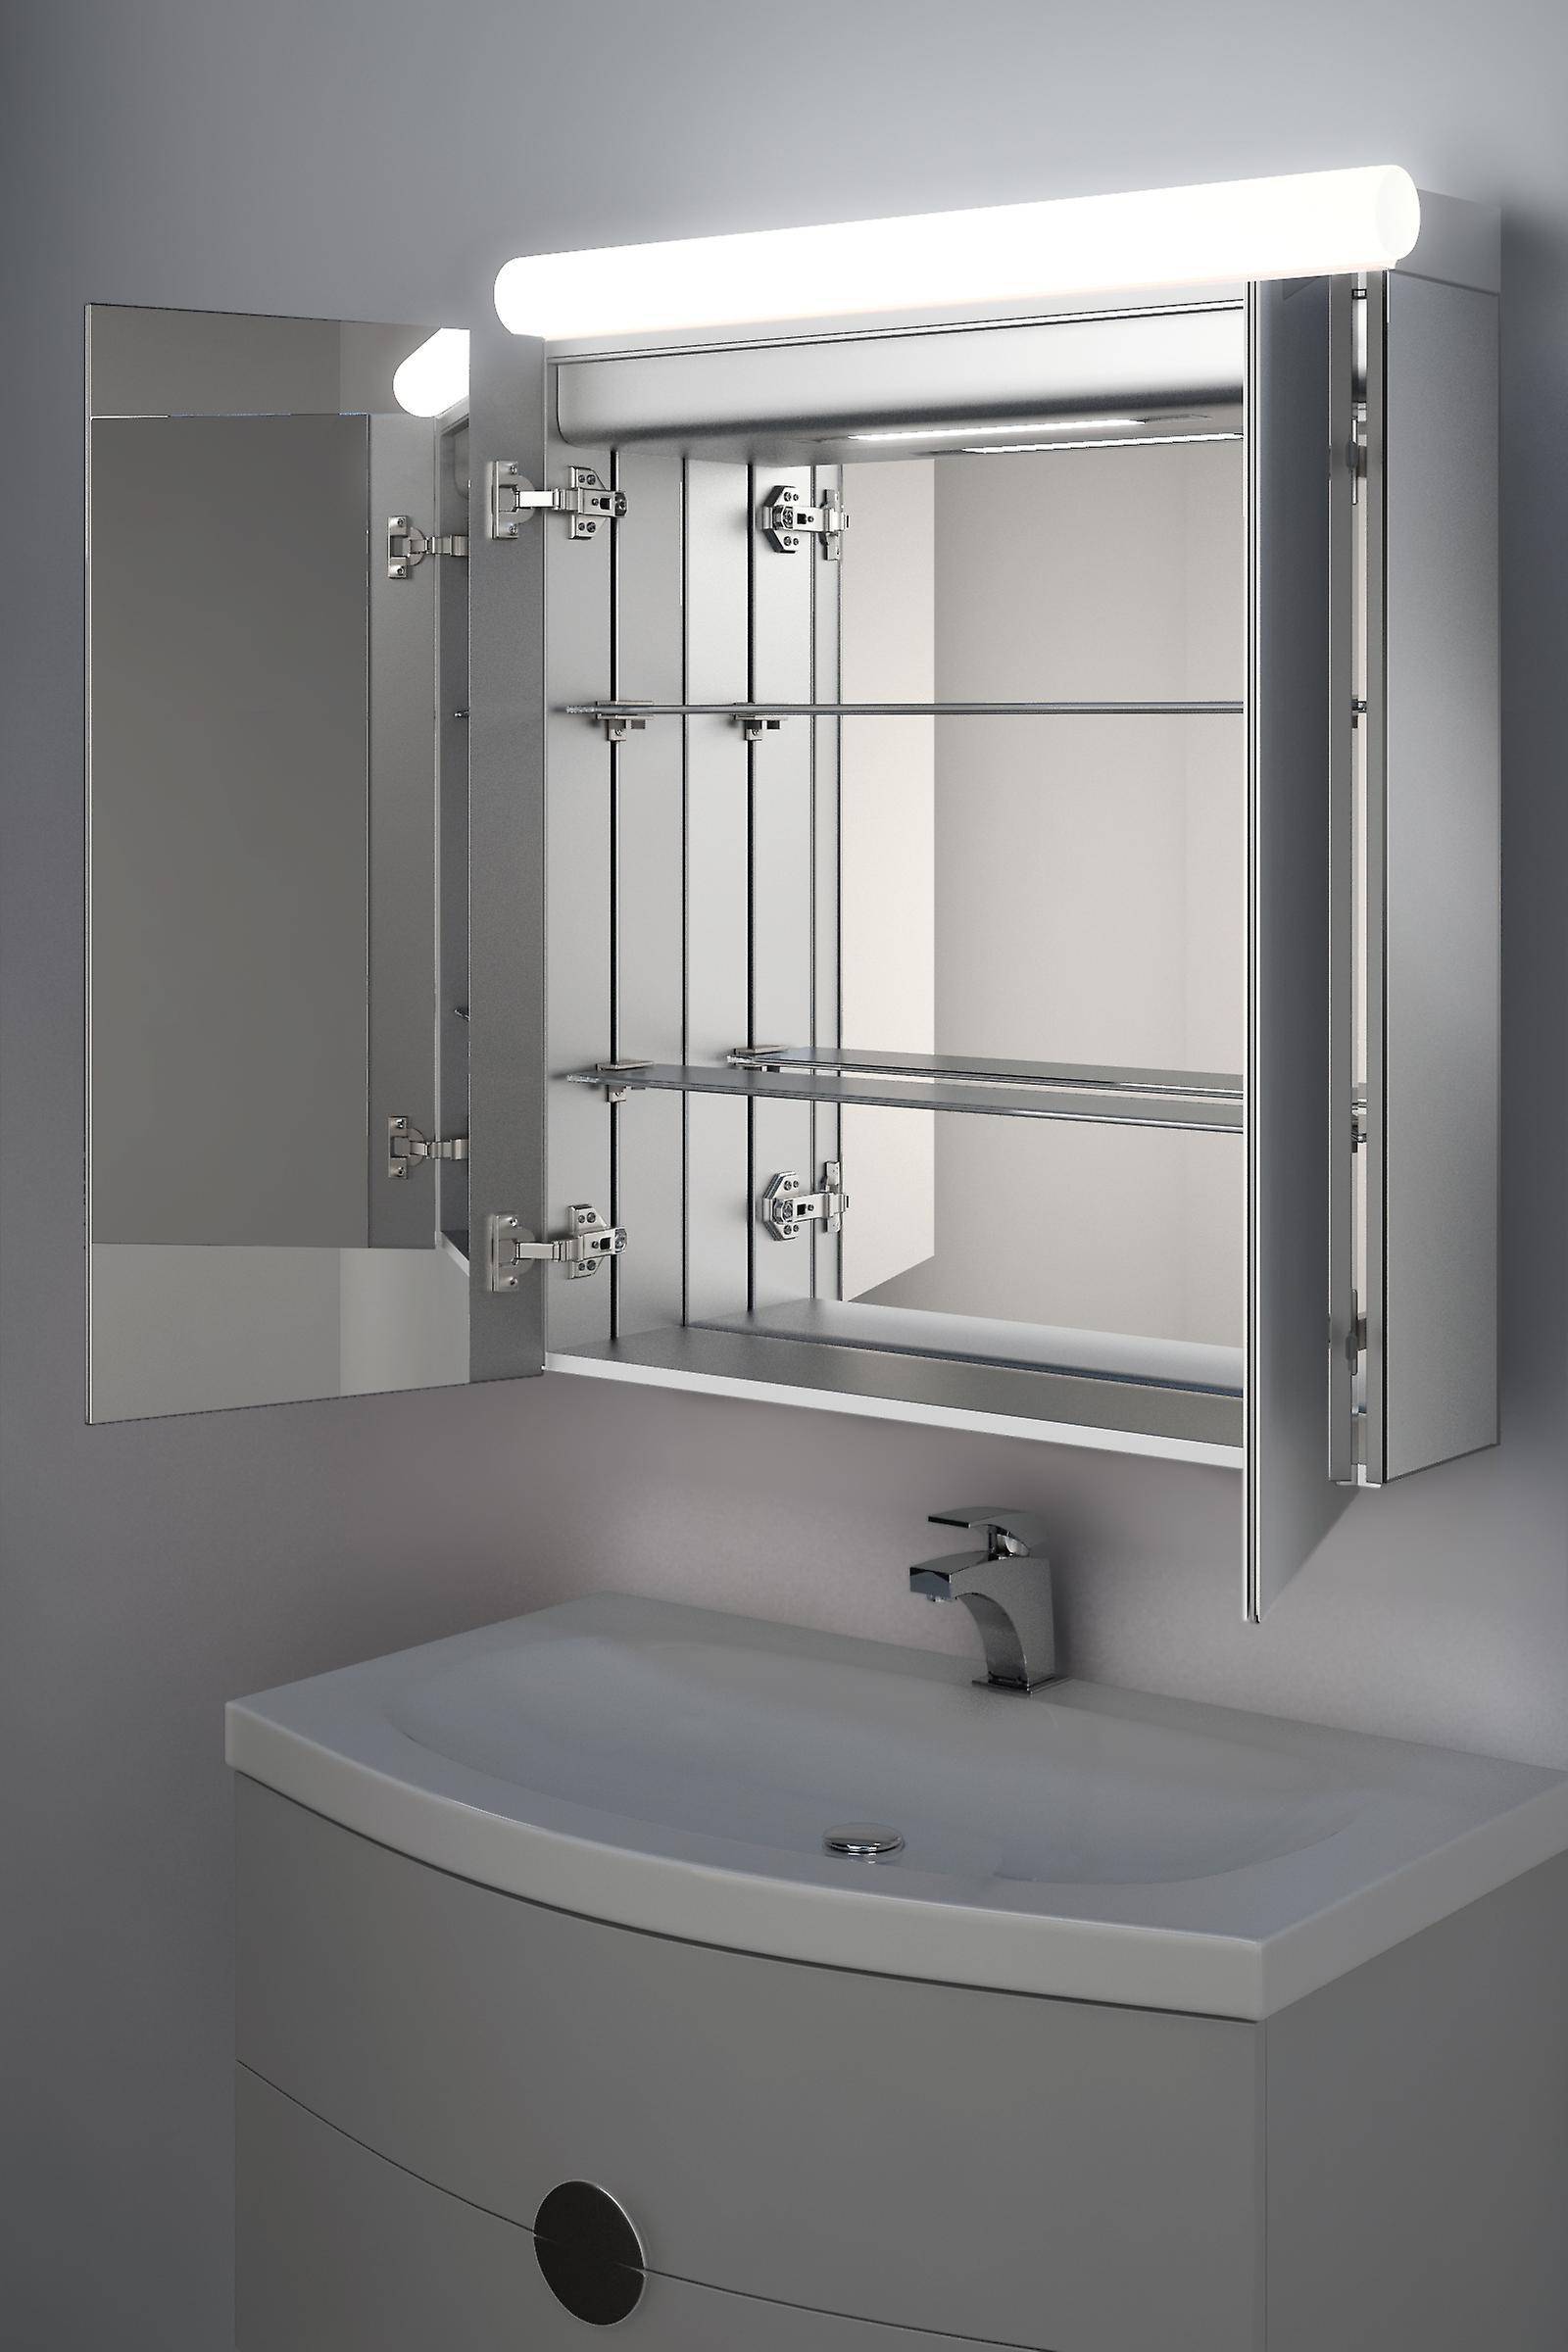 RGB Top Light Diffuser Cabinet avec capteur, shaver, Demister k504rgb